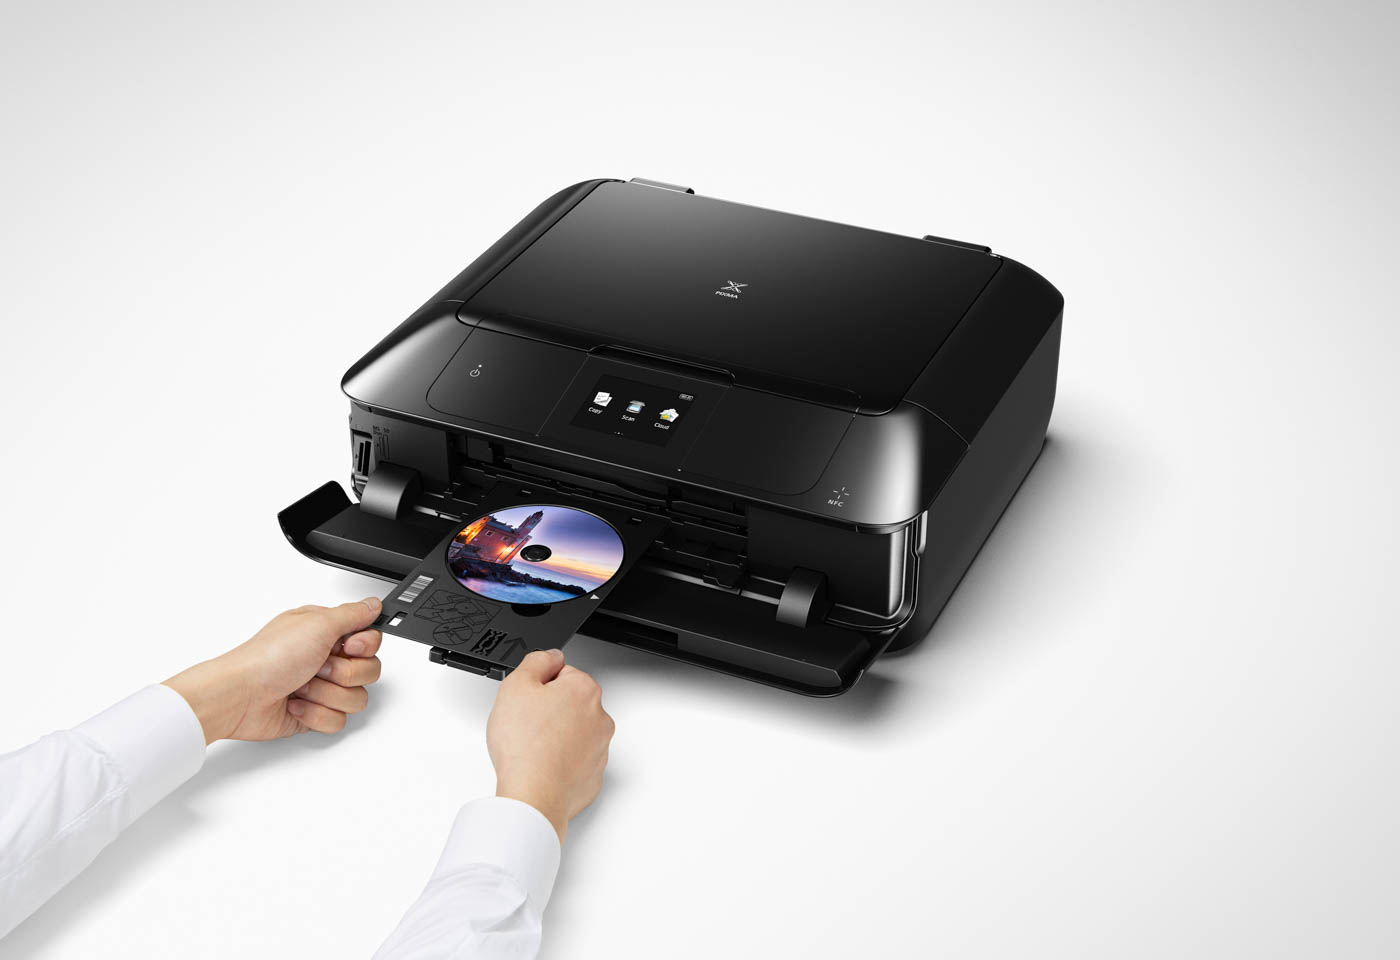 Canon PIXMA MG7760 printer